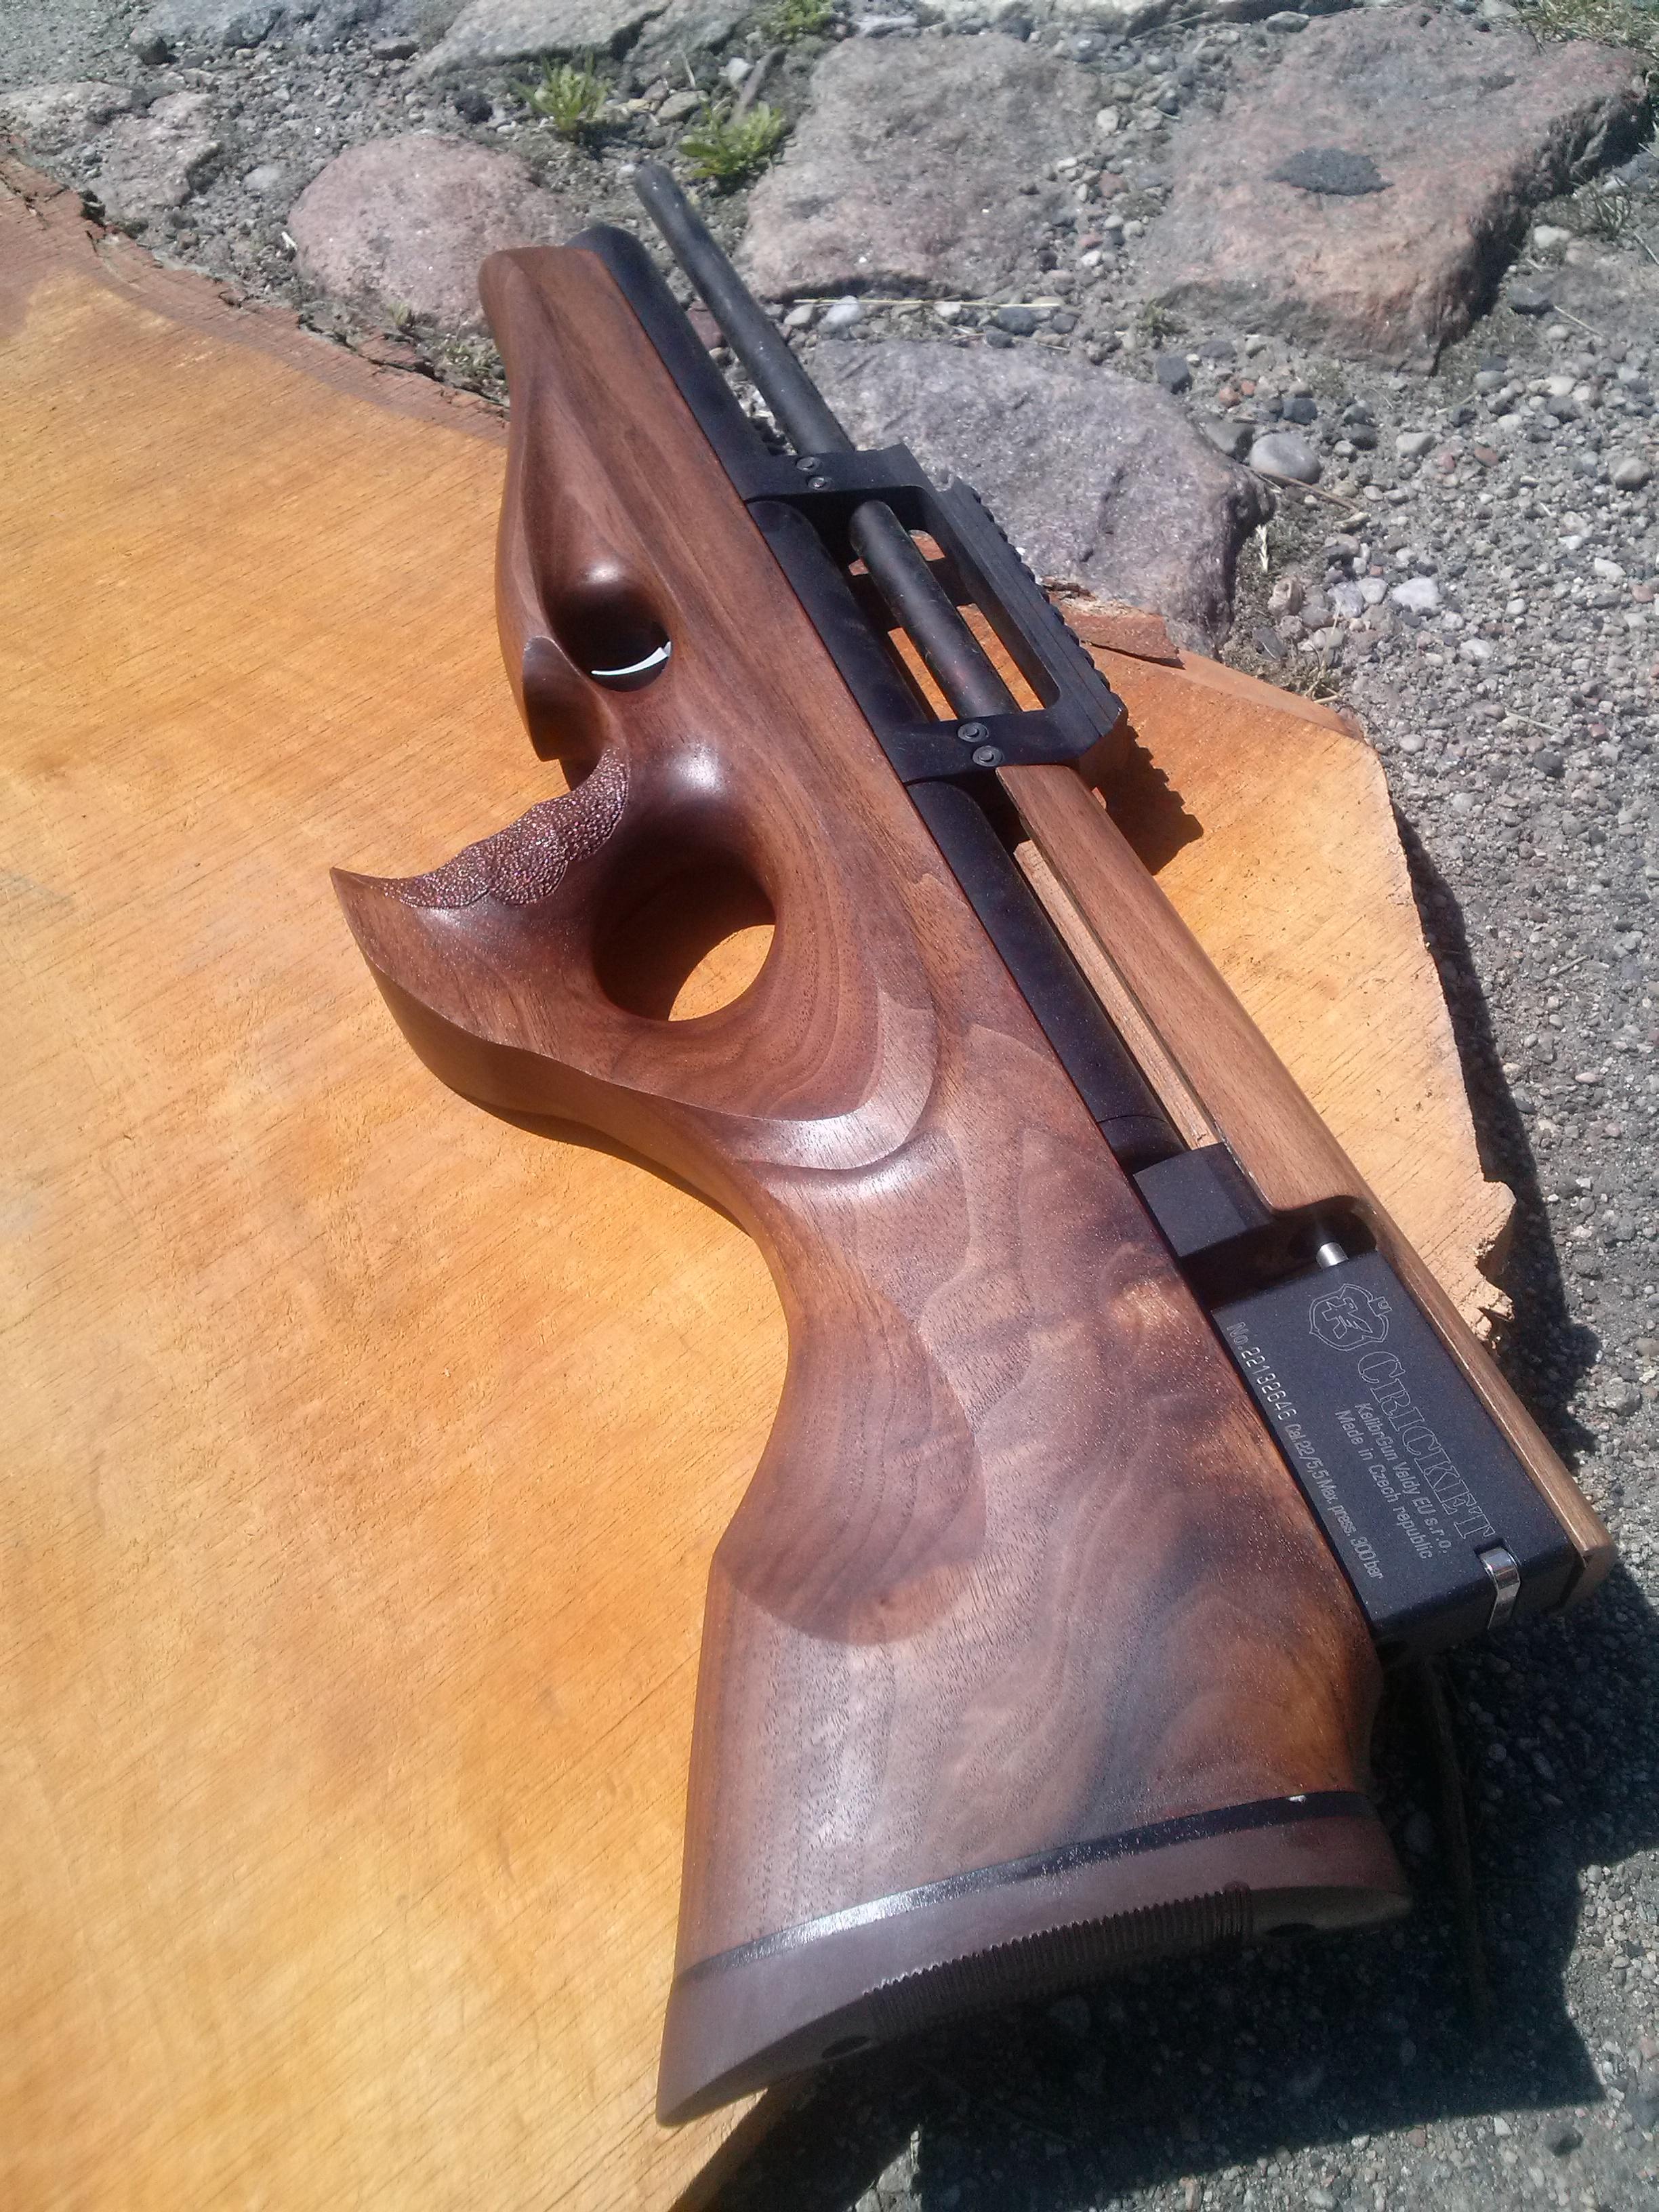 Kalibrgun Airgun Stocks   Poland   LP Gunstocks